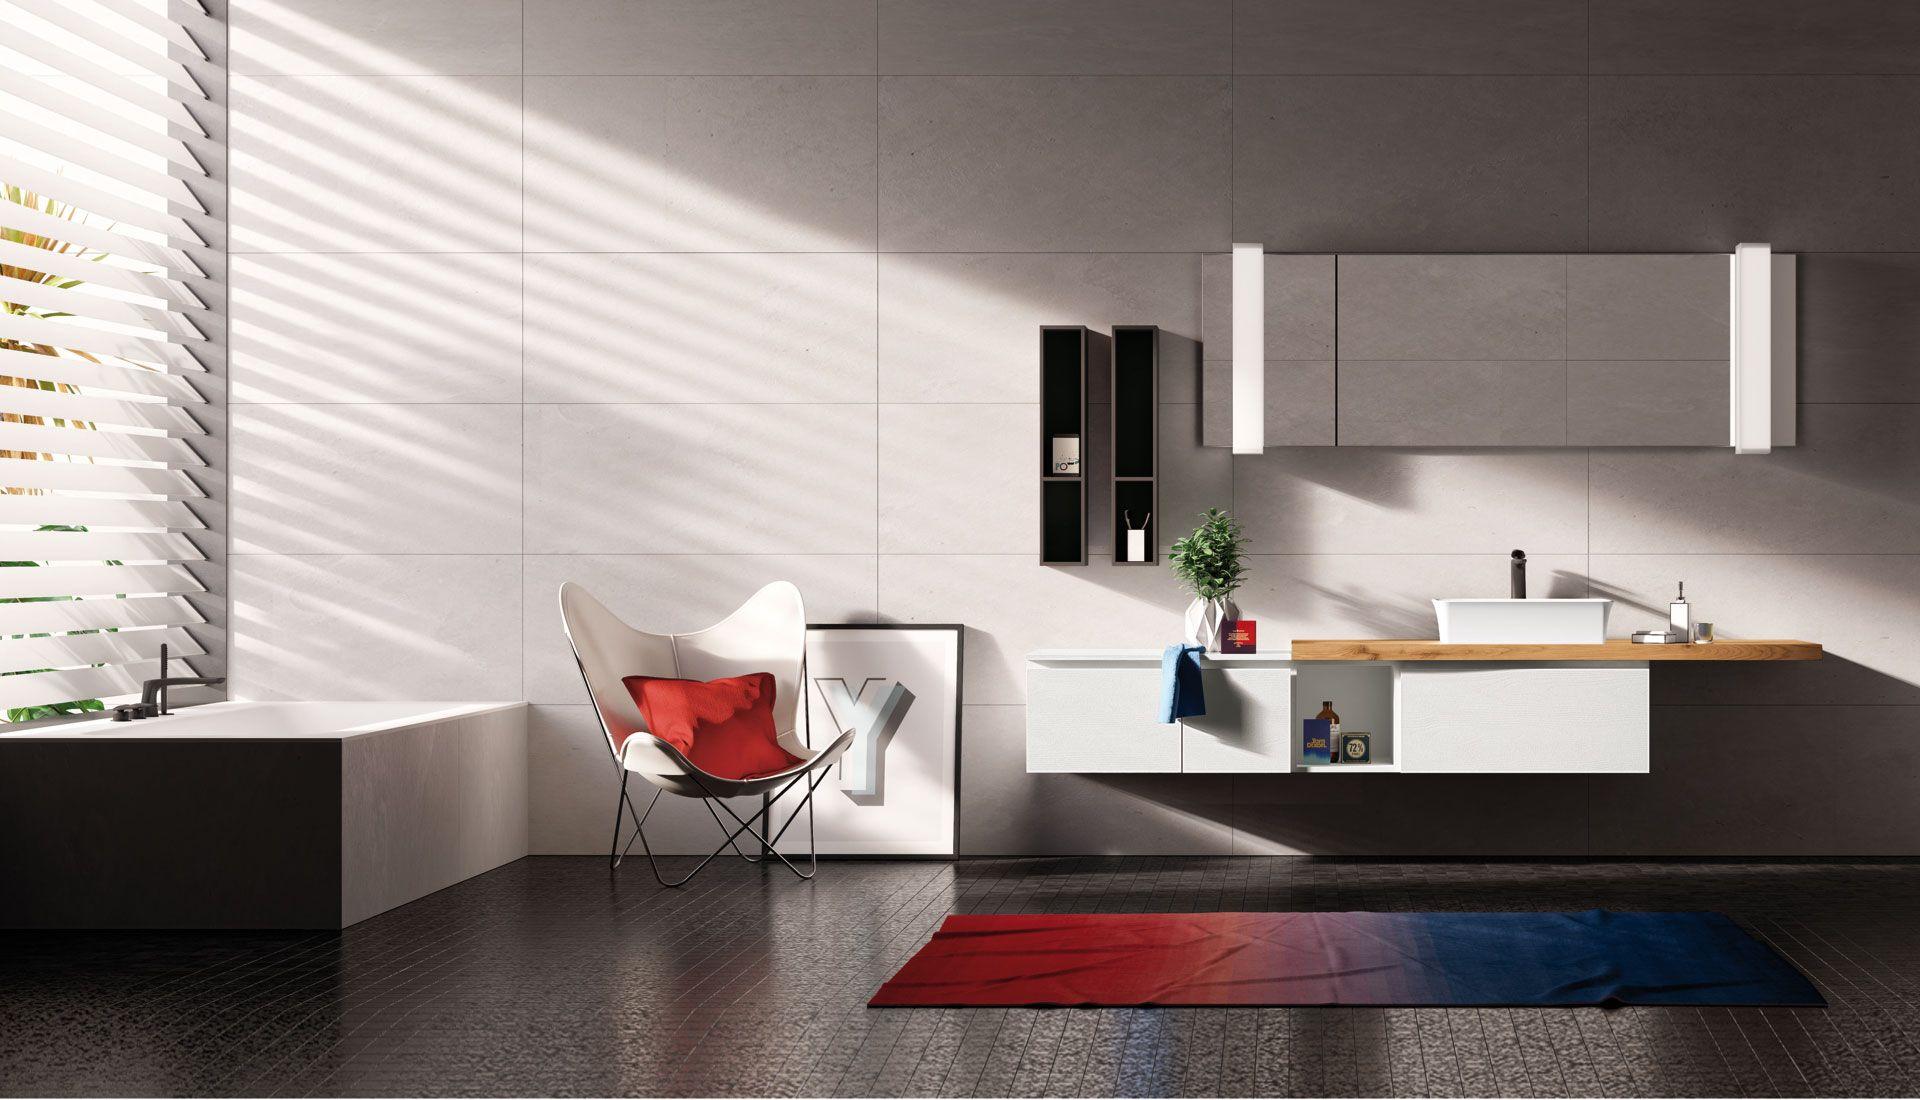 Bathroom Design Home Bagno Arredobagno Puntotre Groove  # Giellesse Muebles